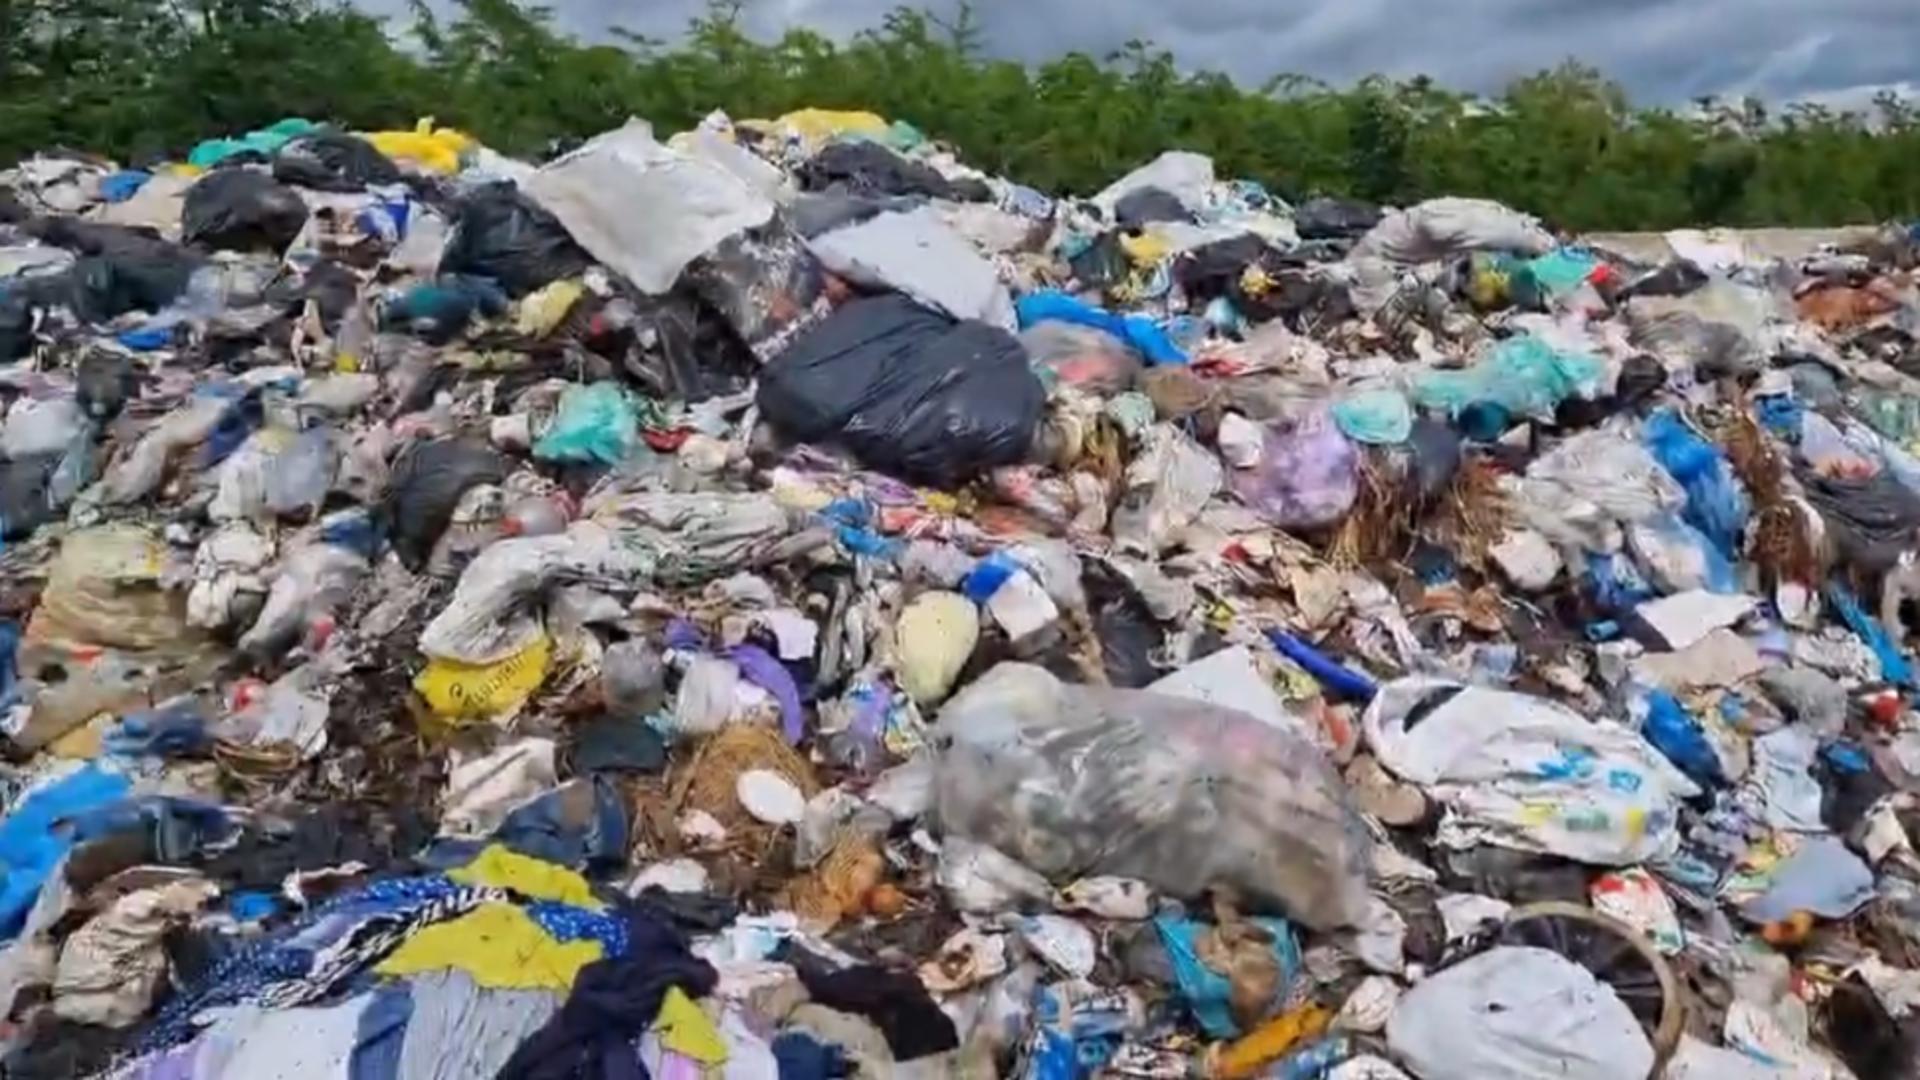 Deșeuri Prahova / Foto: Captură Facebook Octavian Berceanu